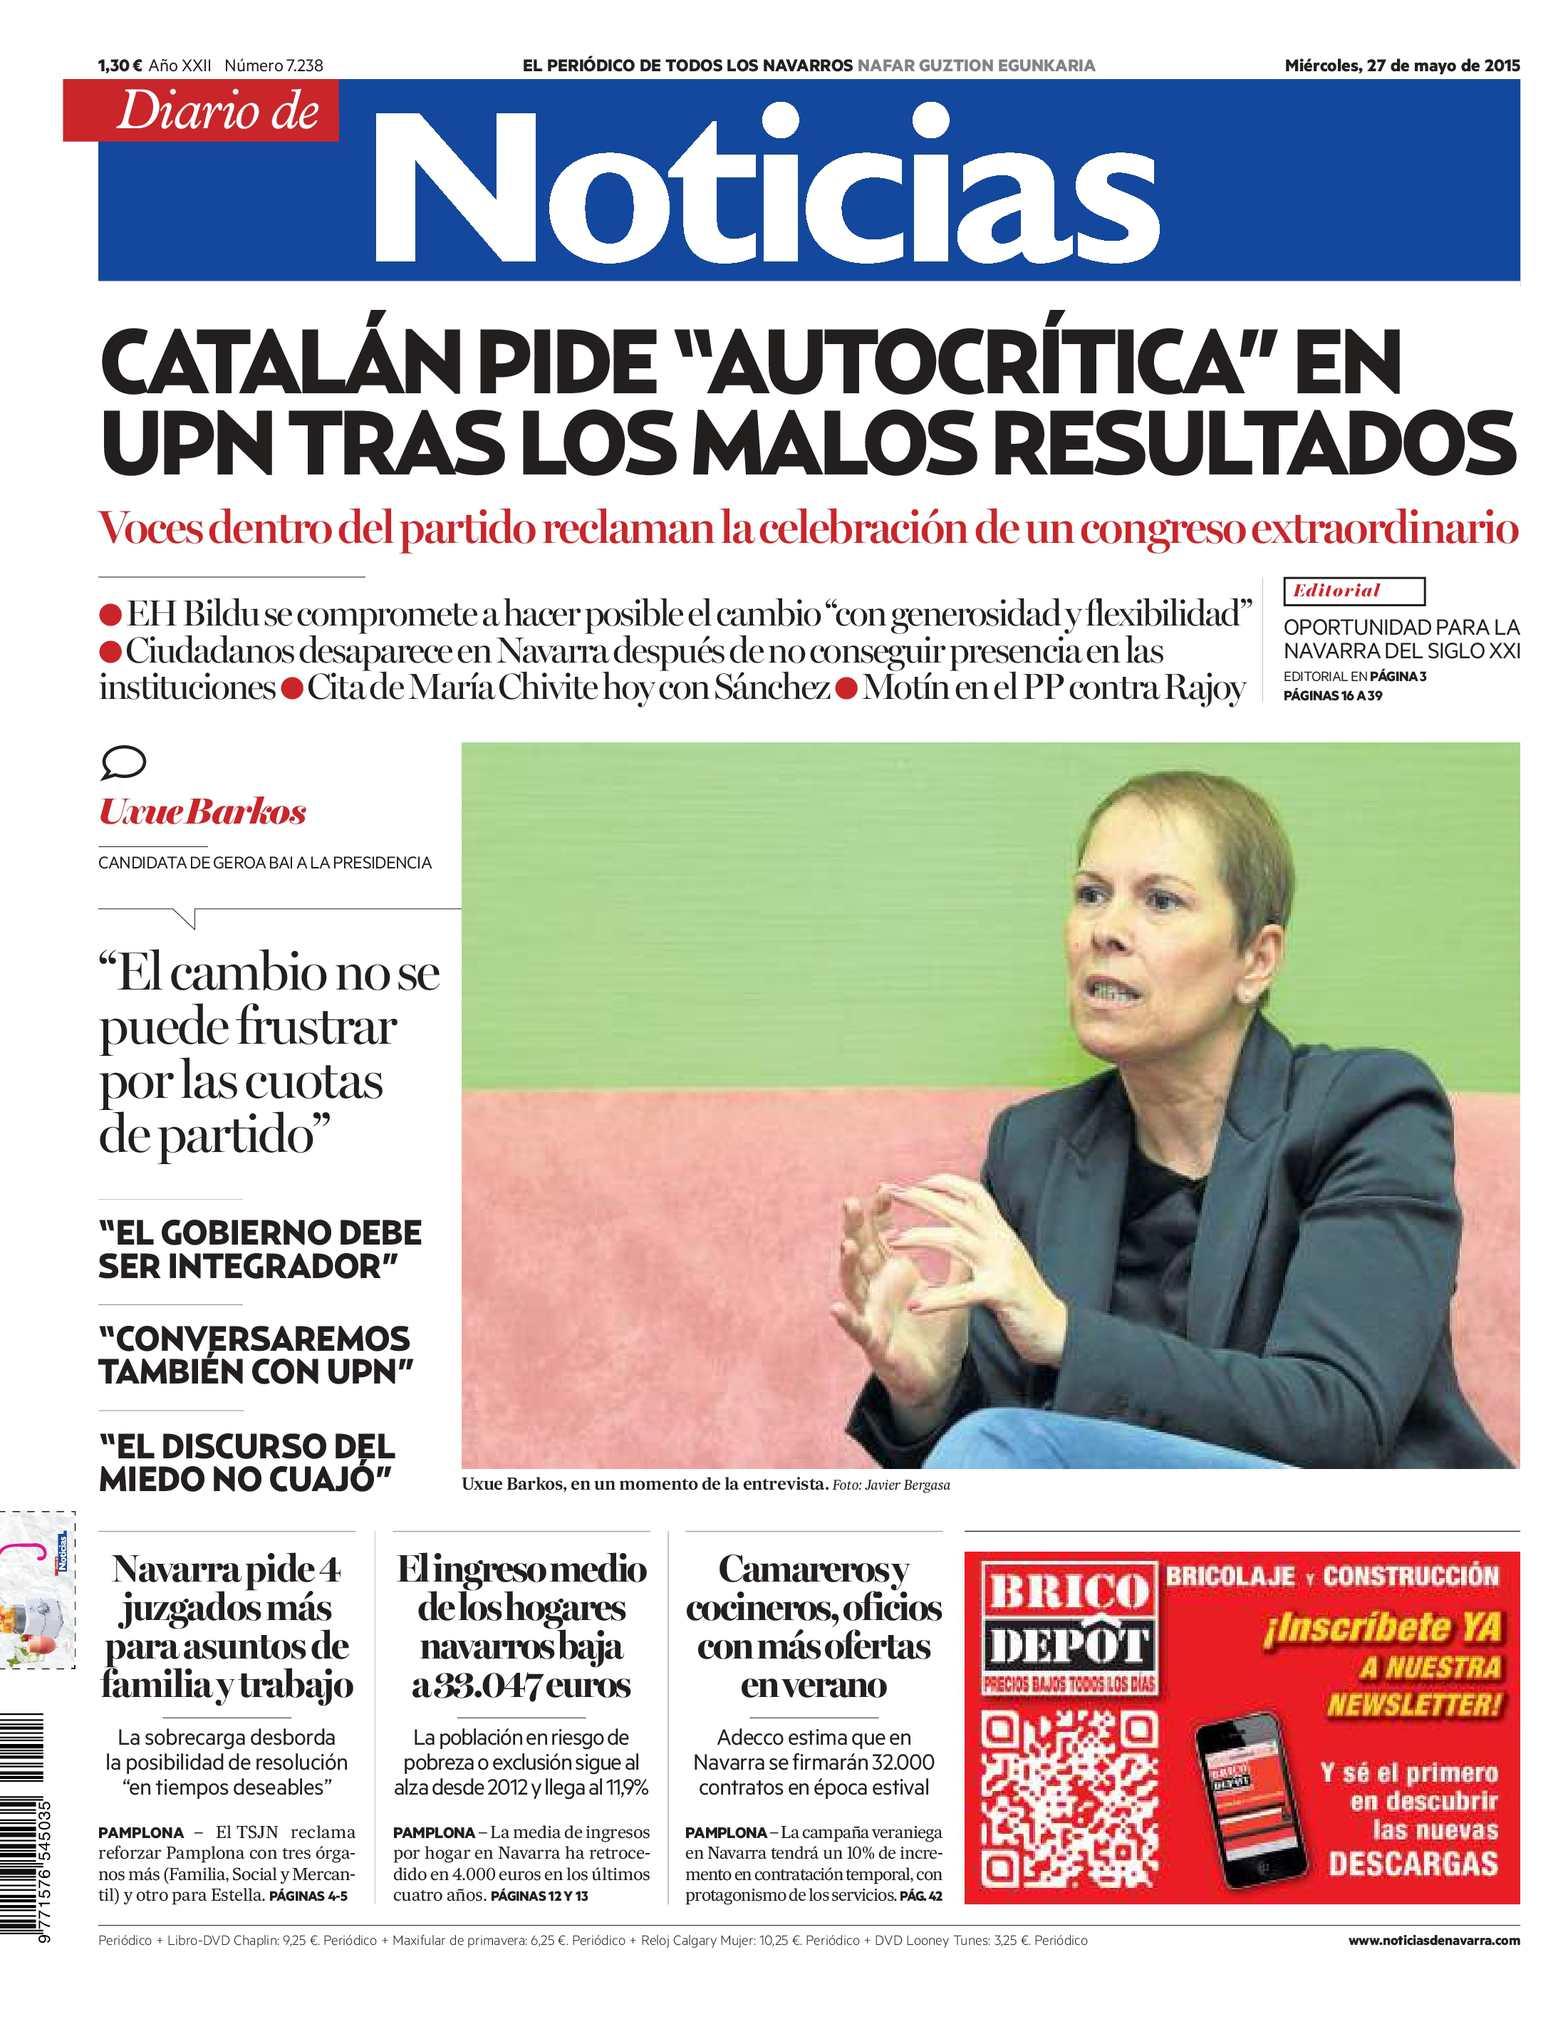 1e02d0c3ce276 Calaméo - Diario de Noticias 20150527